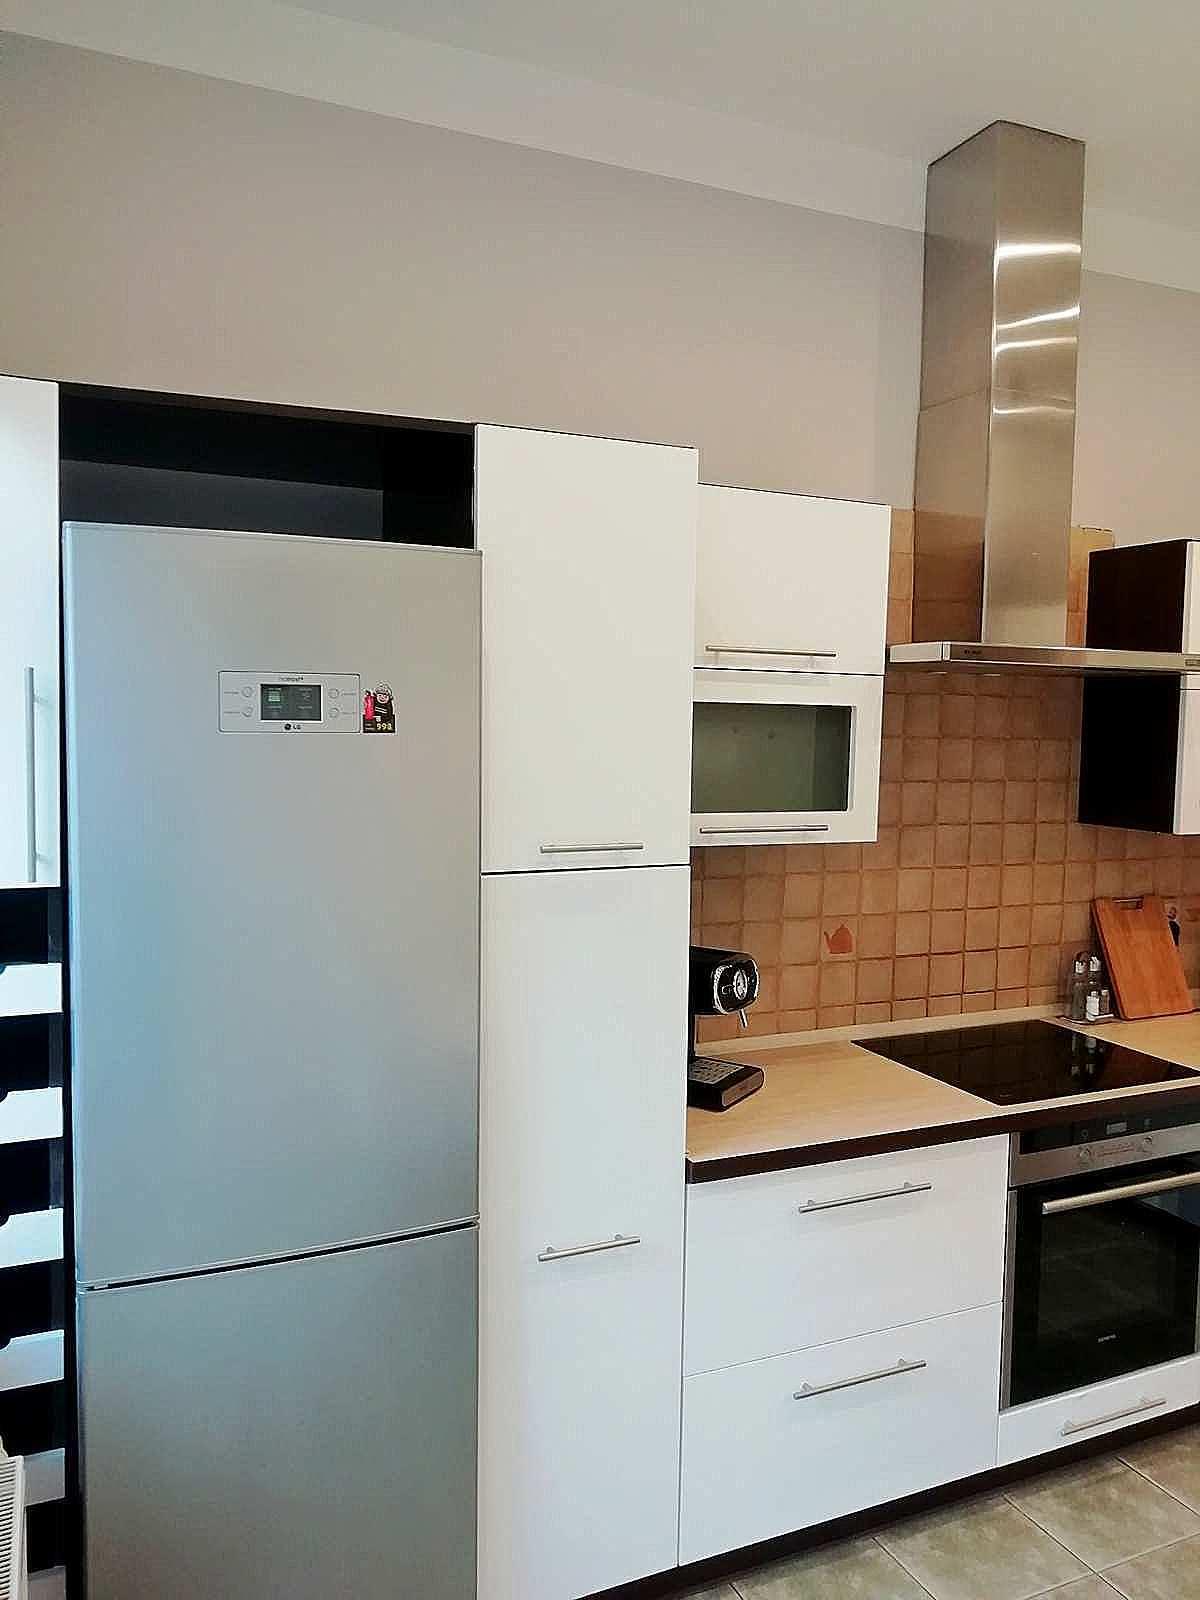 widok kuchni apartamentu fabryka endorfin w kłodzku/kitchen in apartment Fabryka Endorfin Klodzko